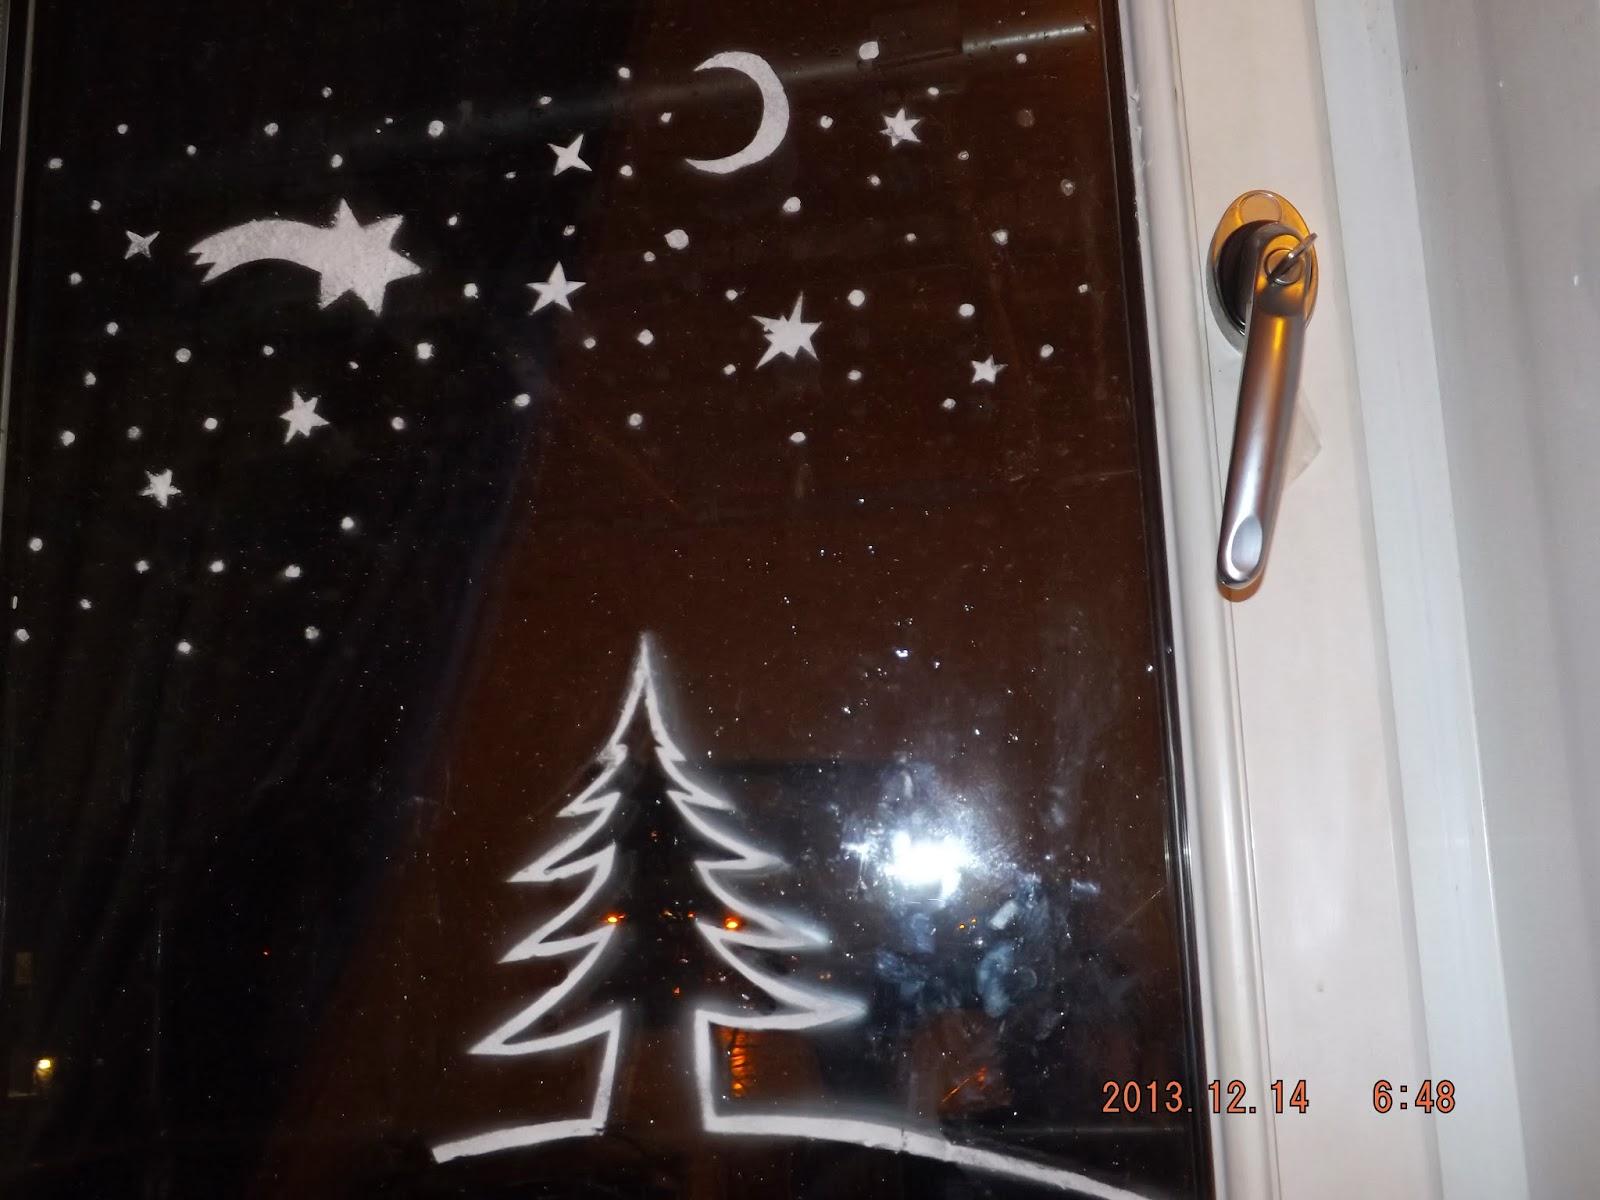 Már fel lett fújva a hold, a csillagok, egy hullócsillag és a karácsonyfa is műhóból